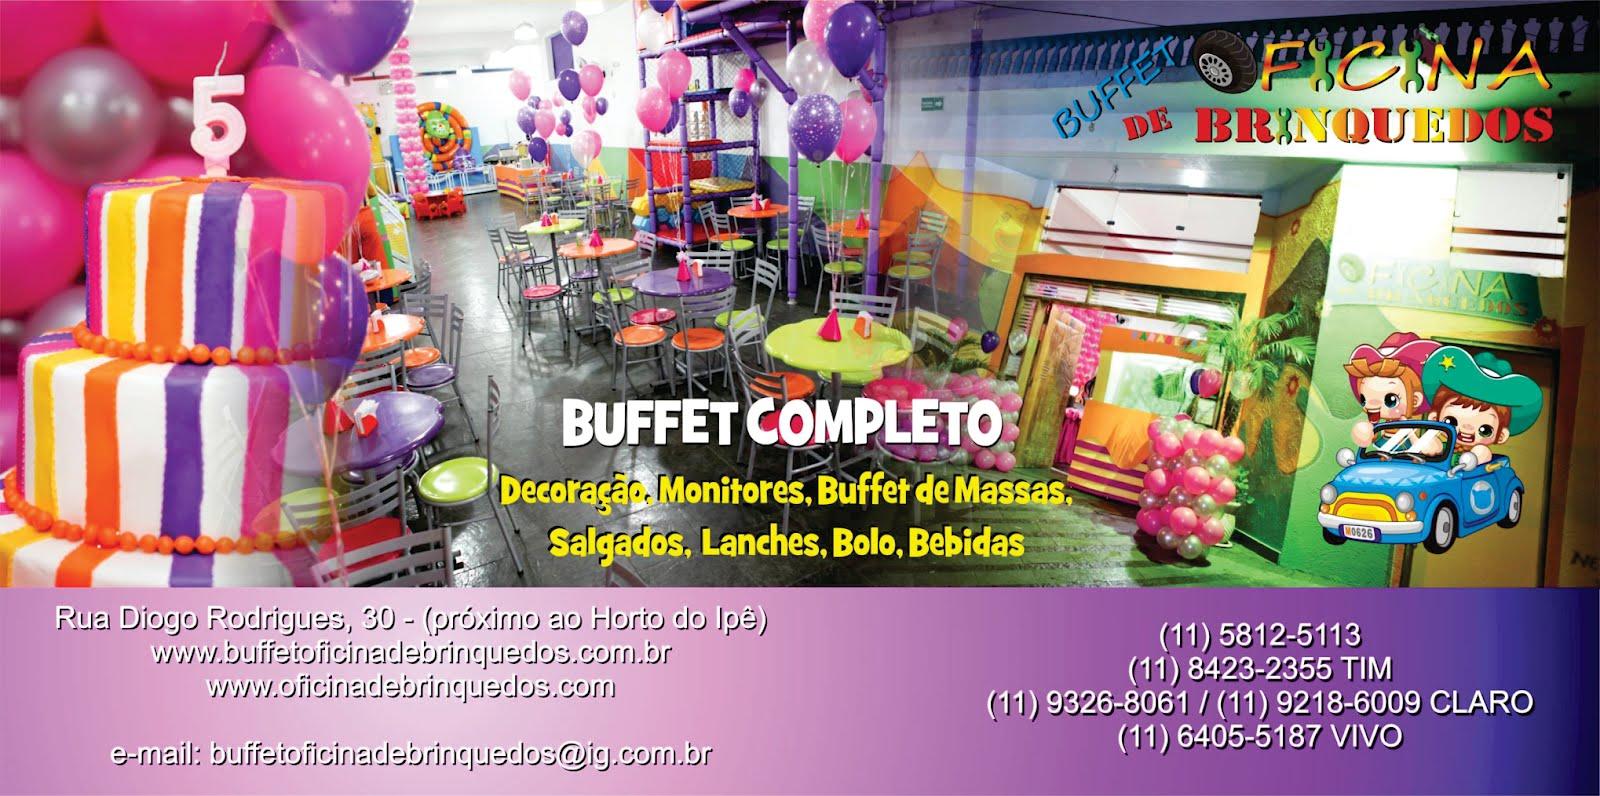 Buffet Oficina de Brinquedos